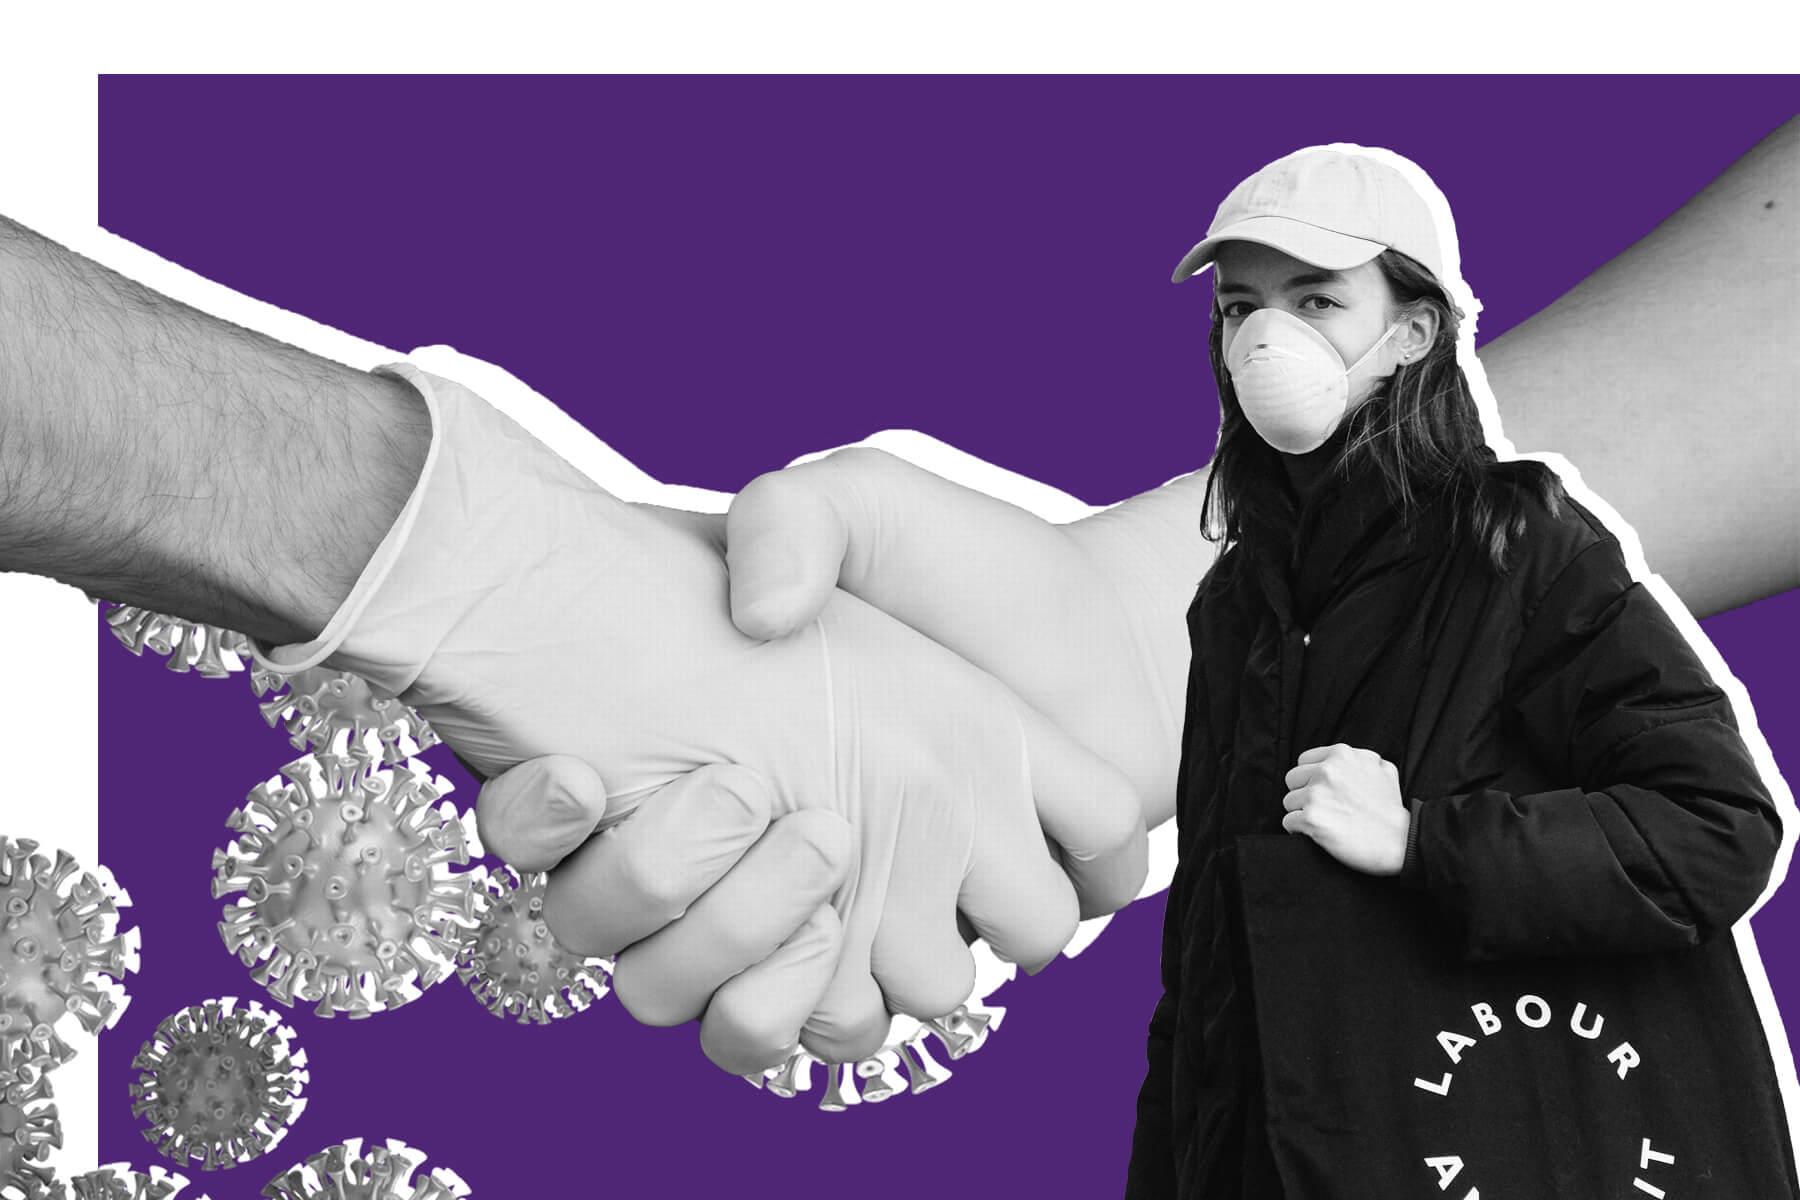 Стрибок рівня смертності, вакцина та помилки США. Коронавірусний дайджест №14